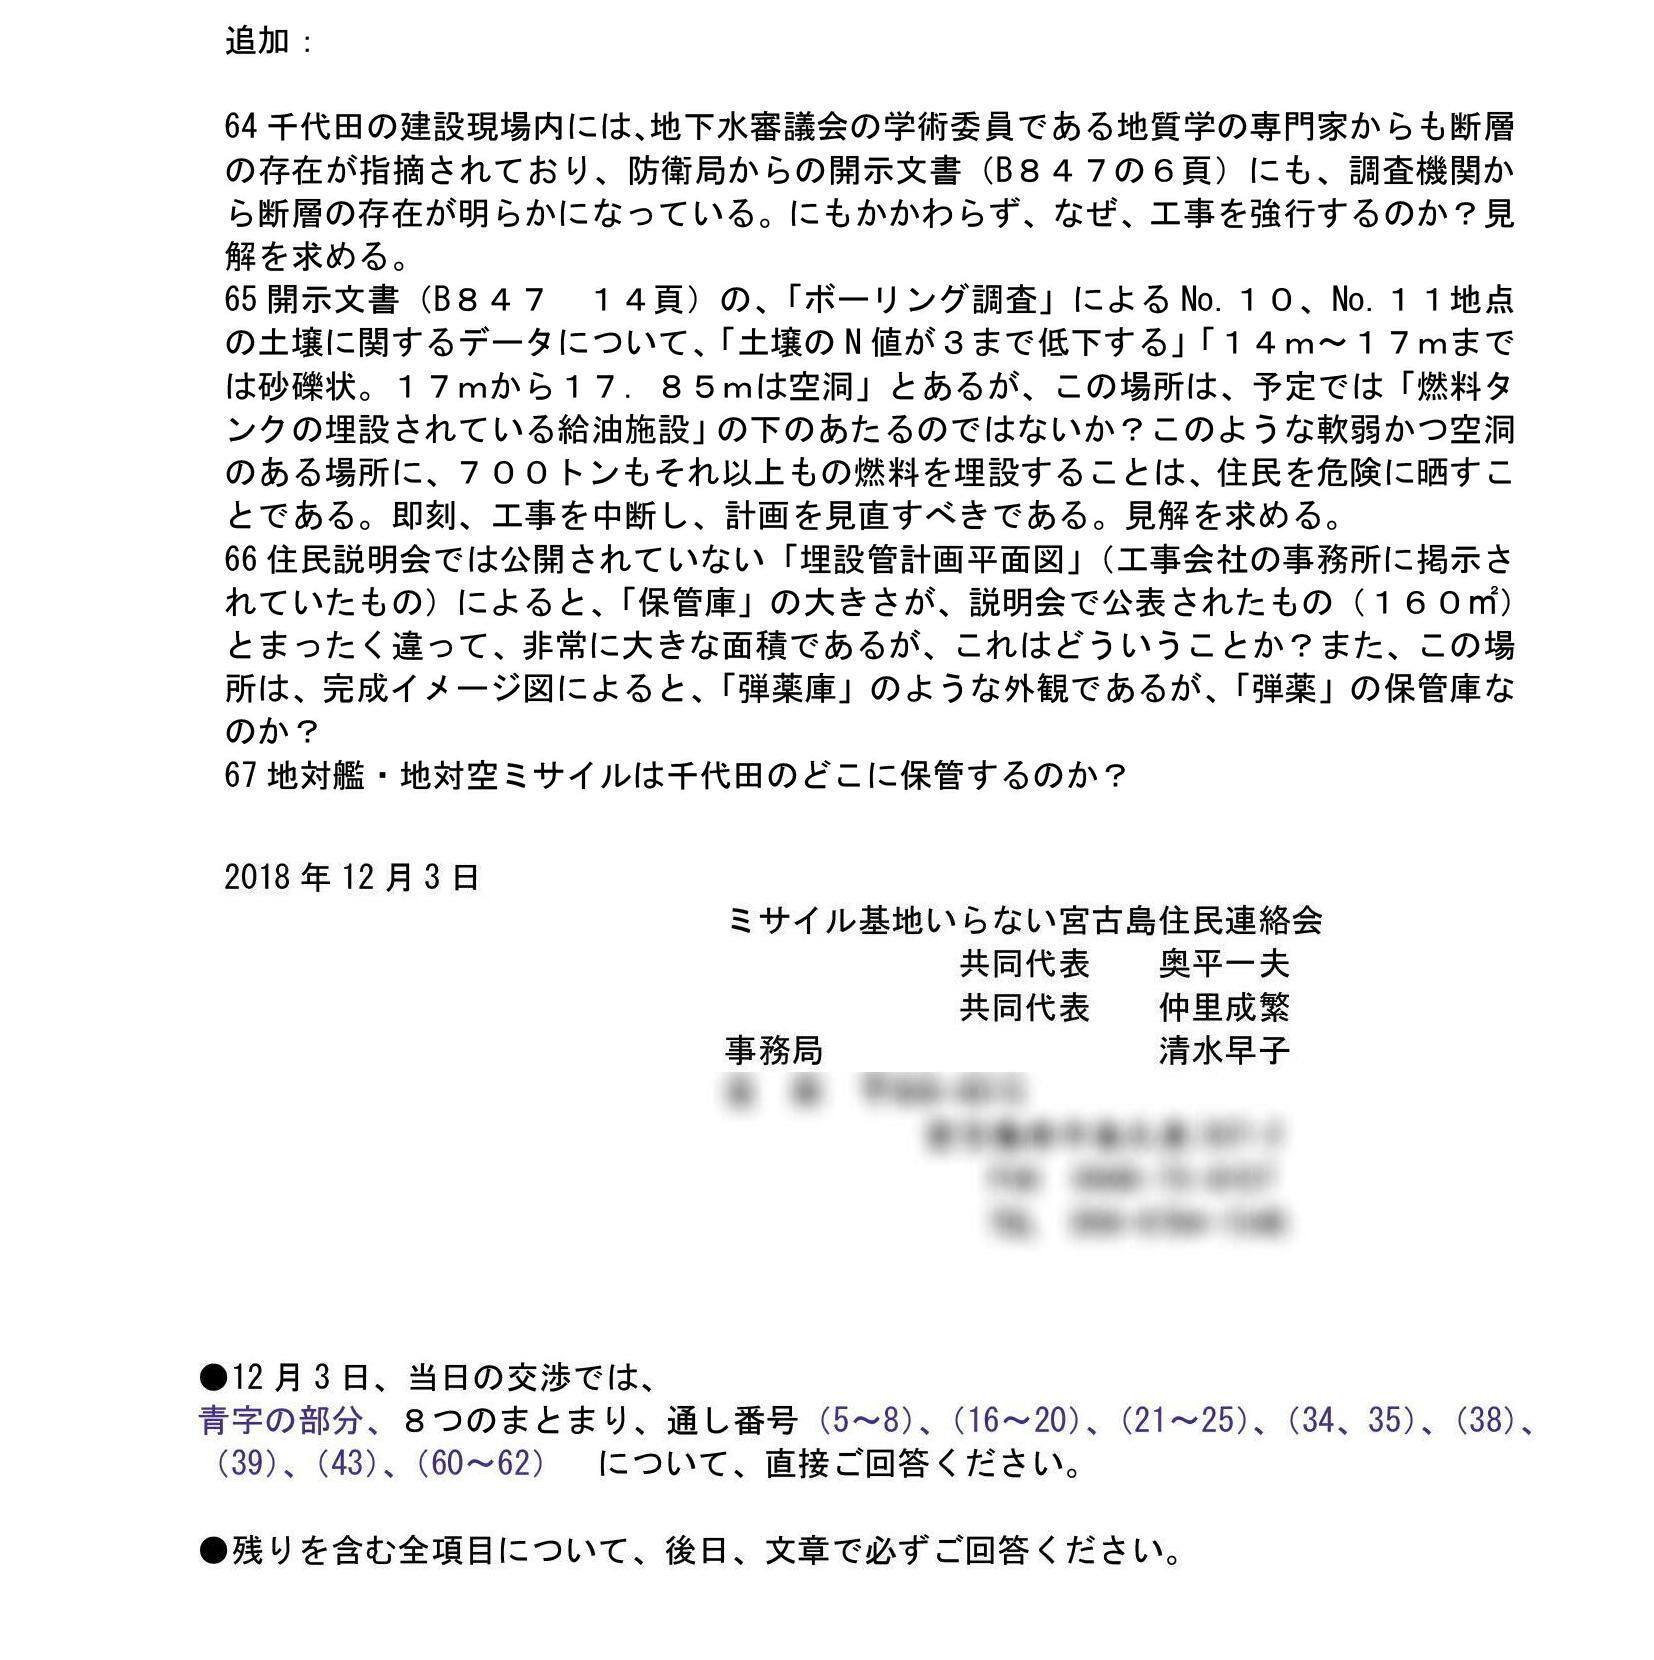 沖縄防衛局あて質問事項0004